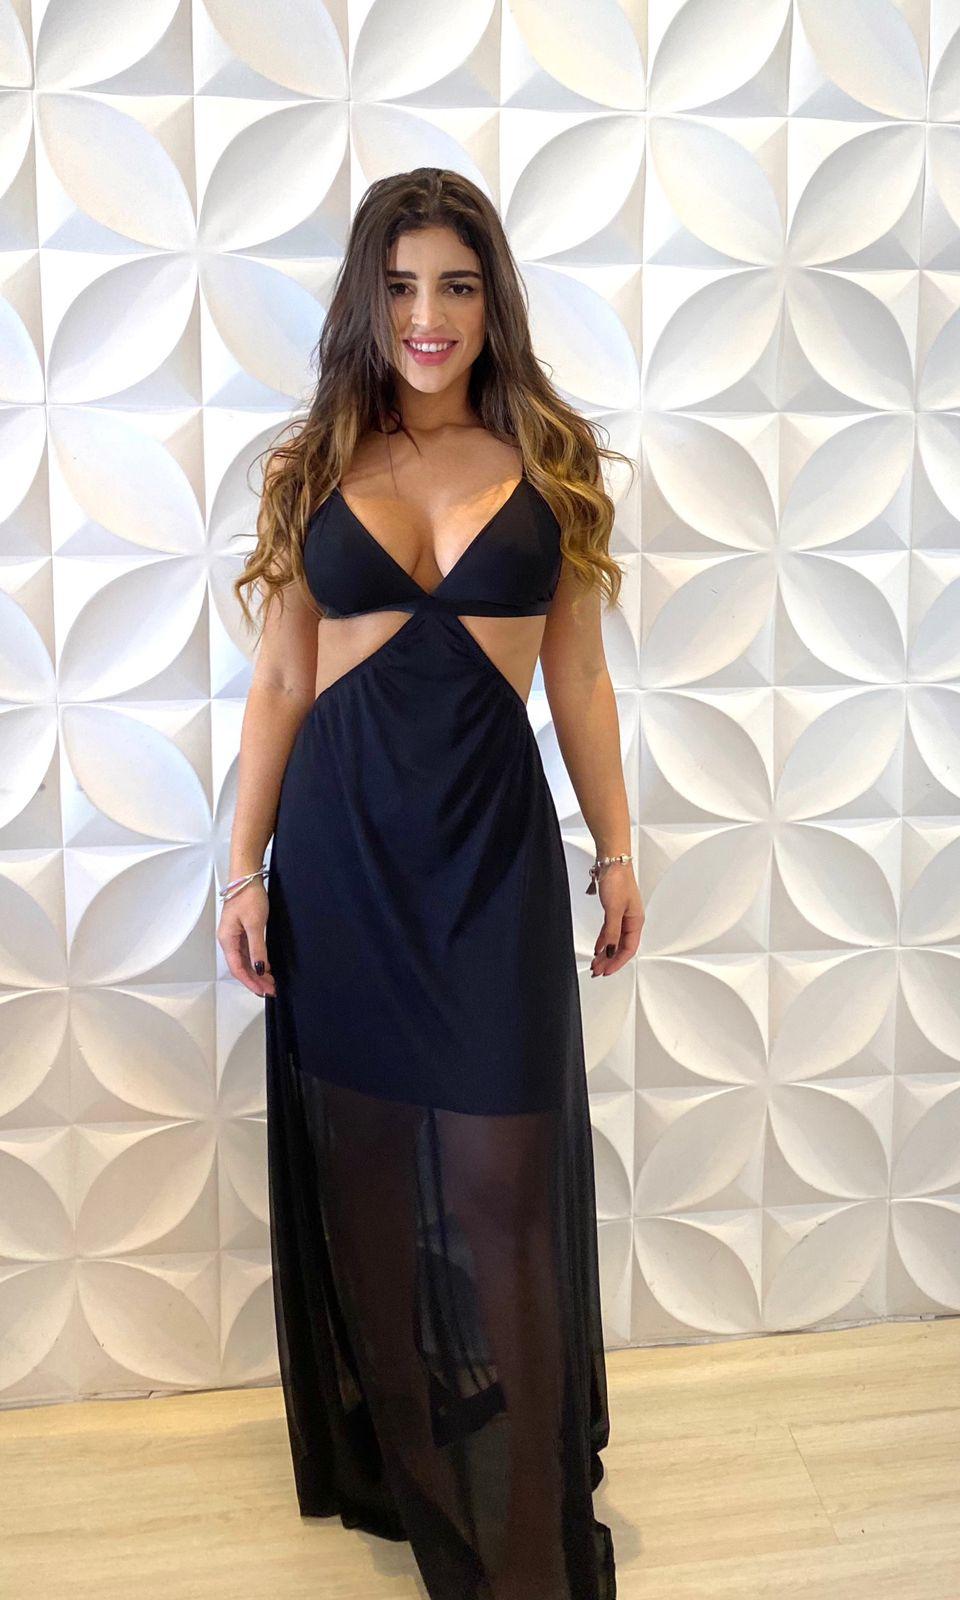 Vestido Premium Elysee  Frente Única Preto Longo